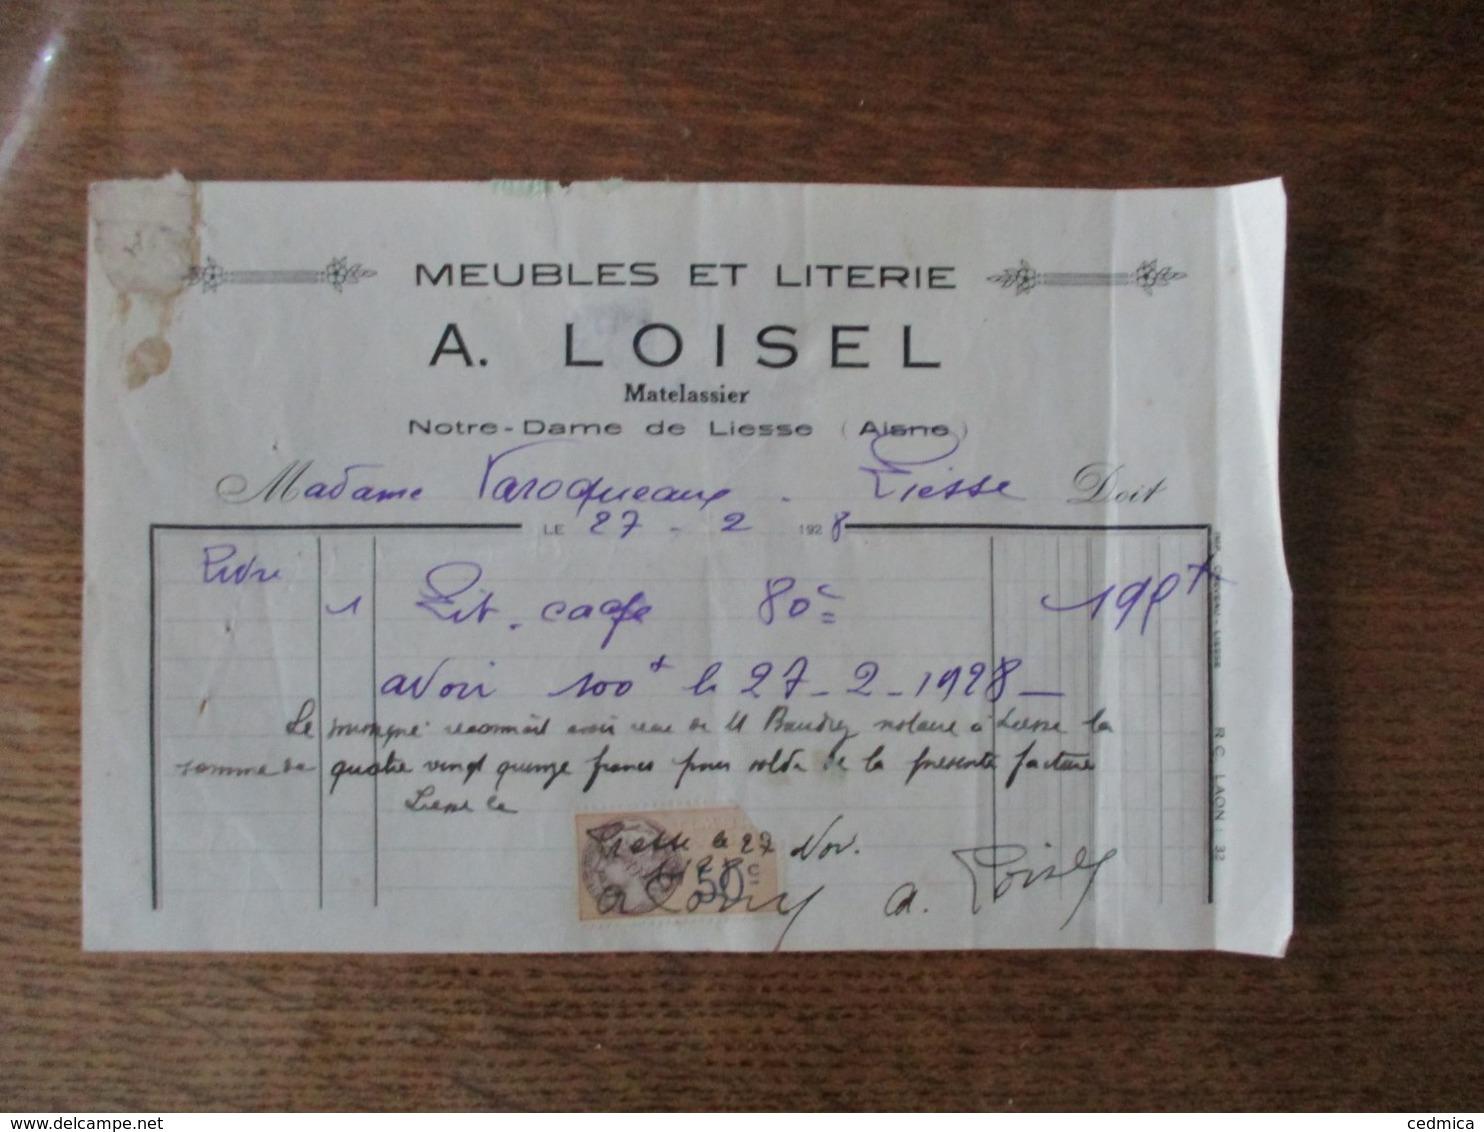 NOTRE-DAME DE LIESSE A. LOISEL MATELASSIER MEUBLES ET LITERIE FACTURE DU 27-2 1928 - 1900 – 1949